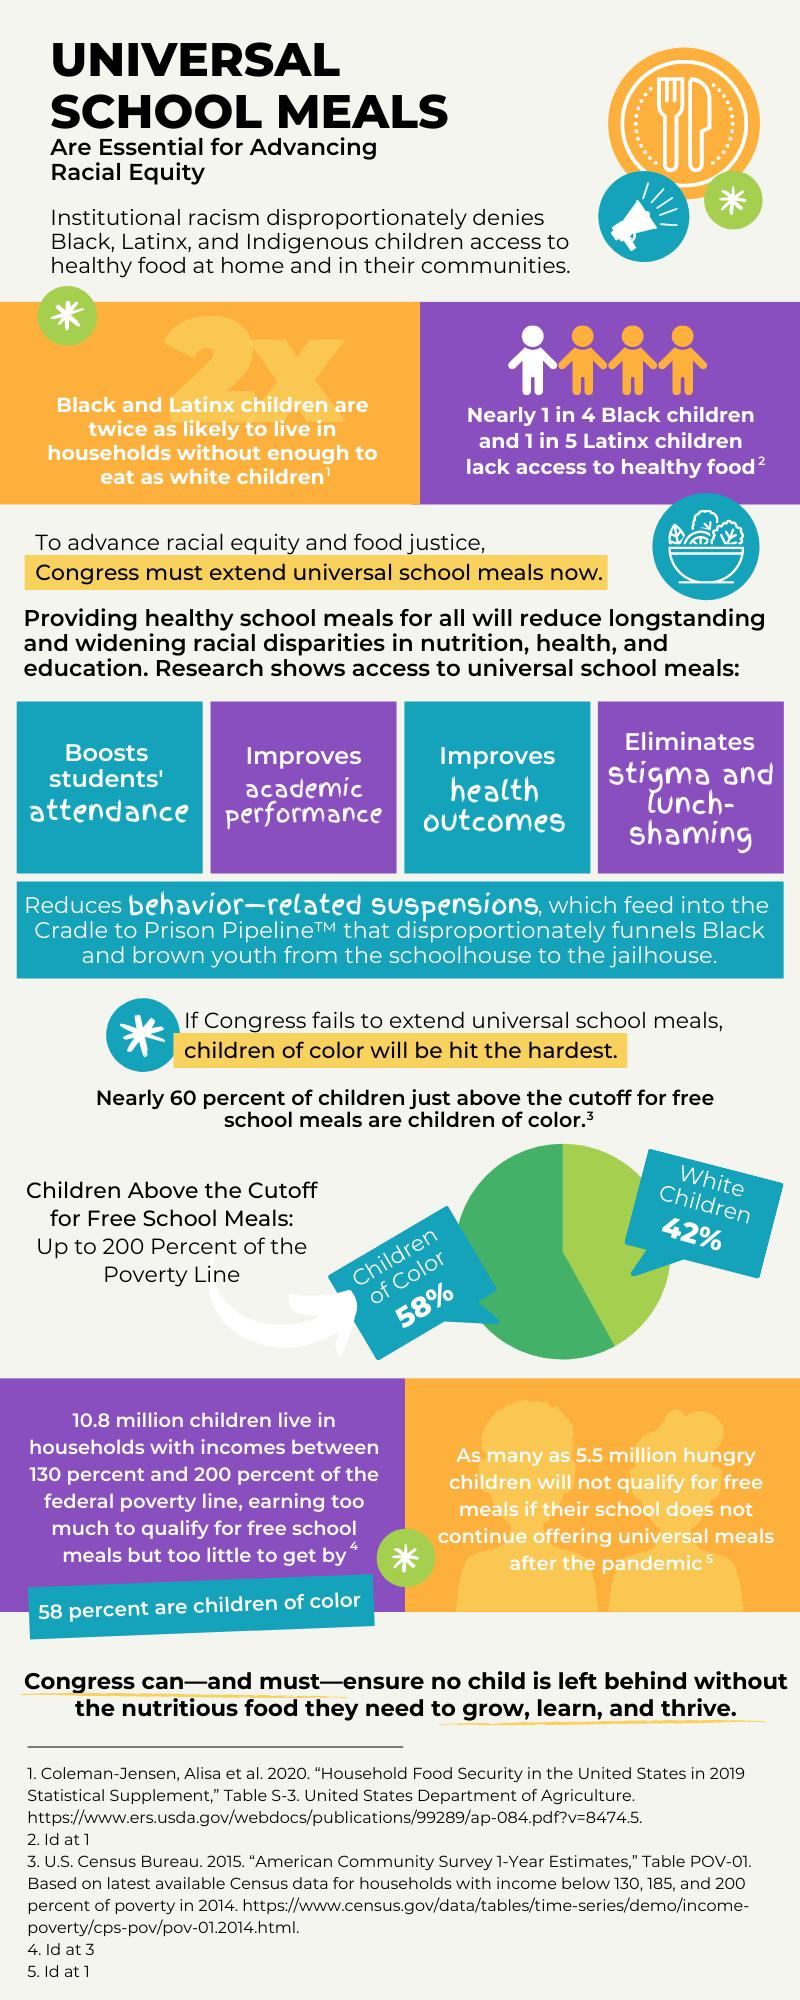 Universal school meals infographic